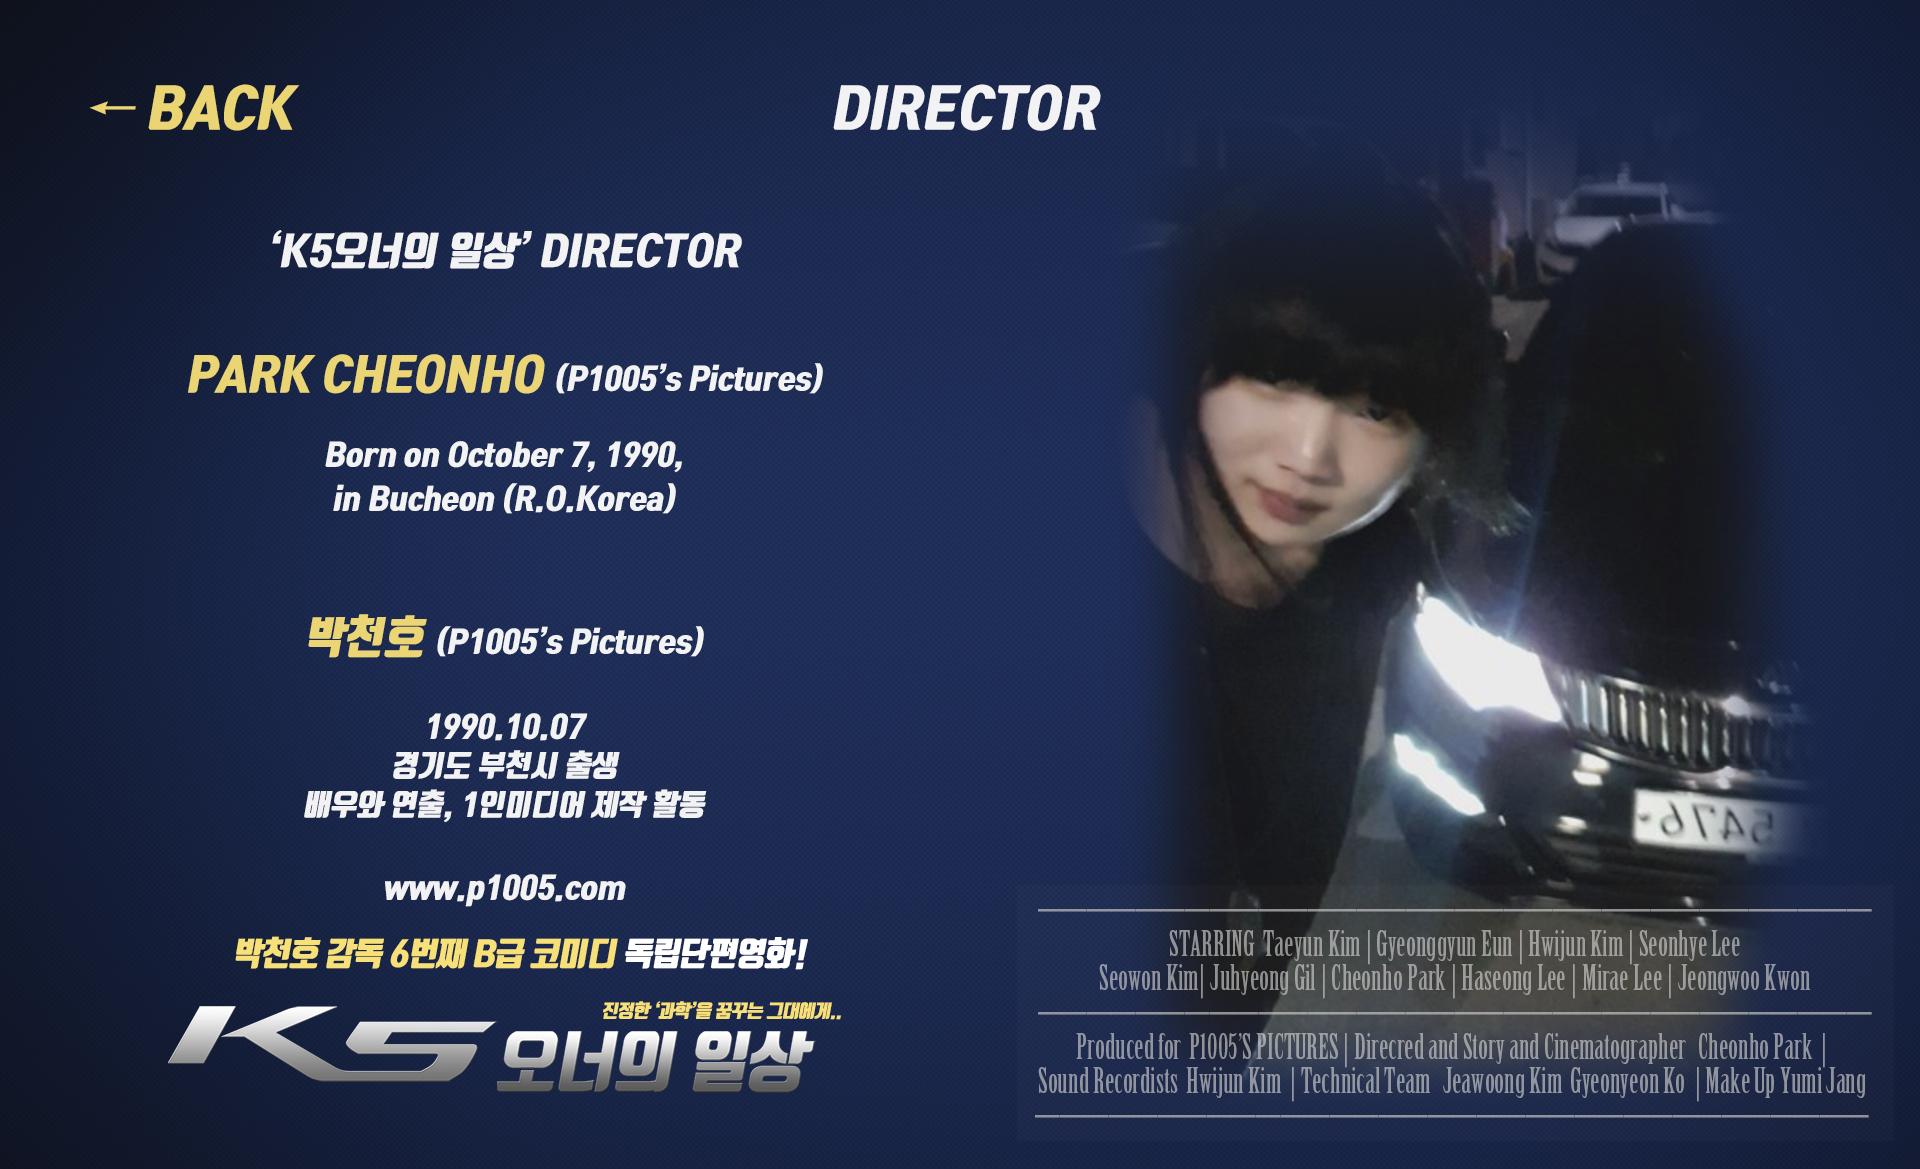 K5오너의 일상 DIRECTOR